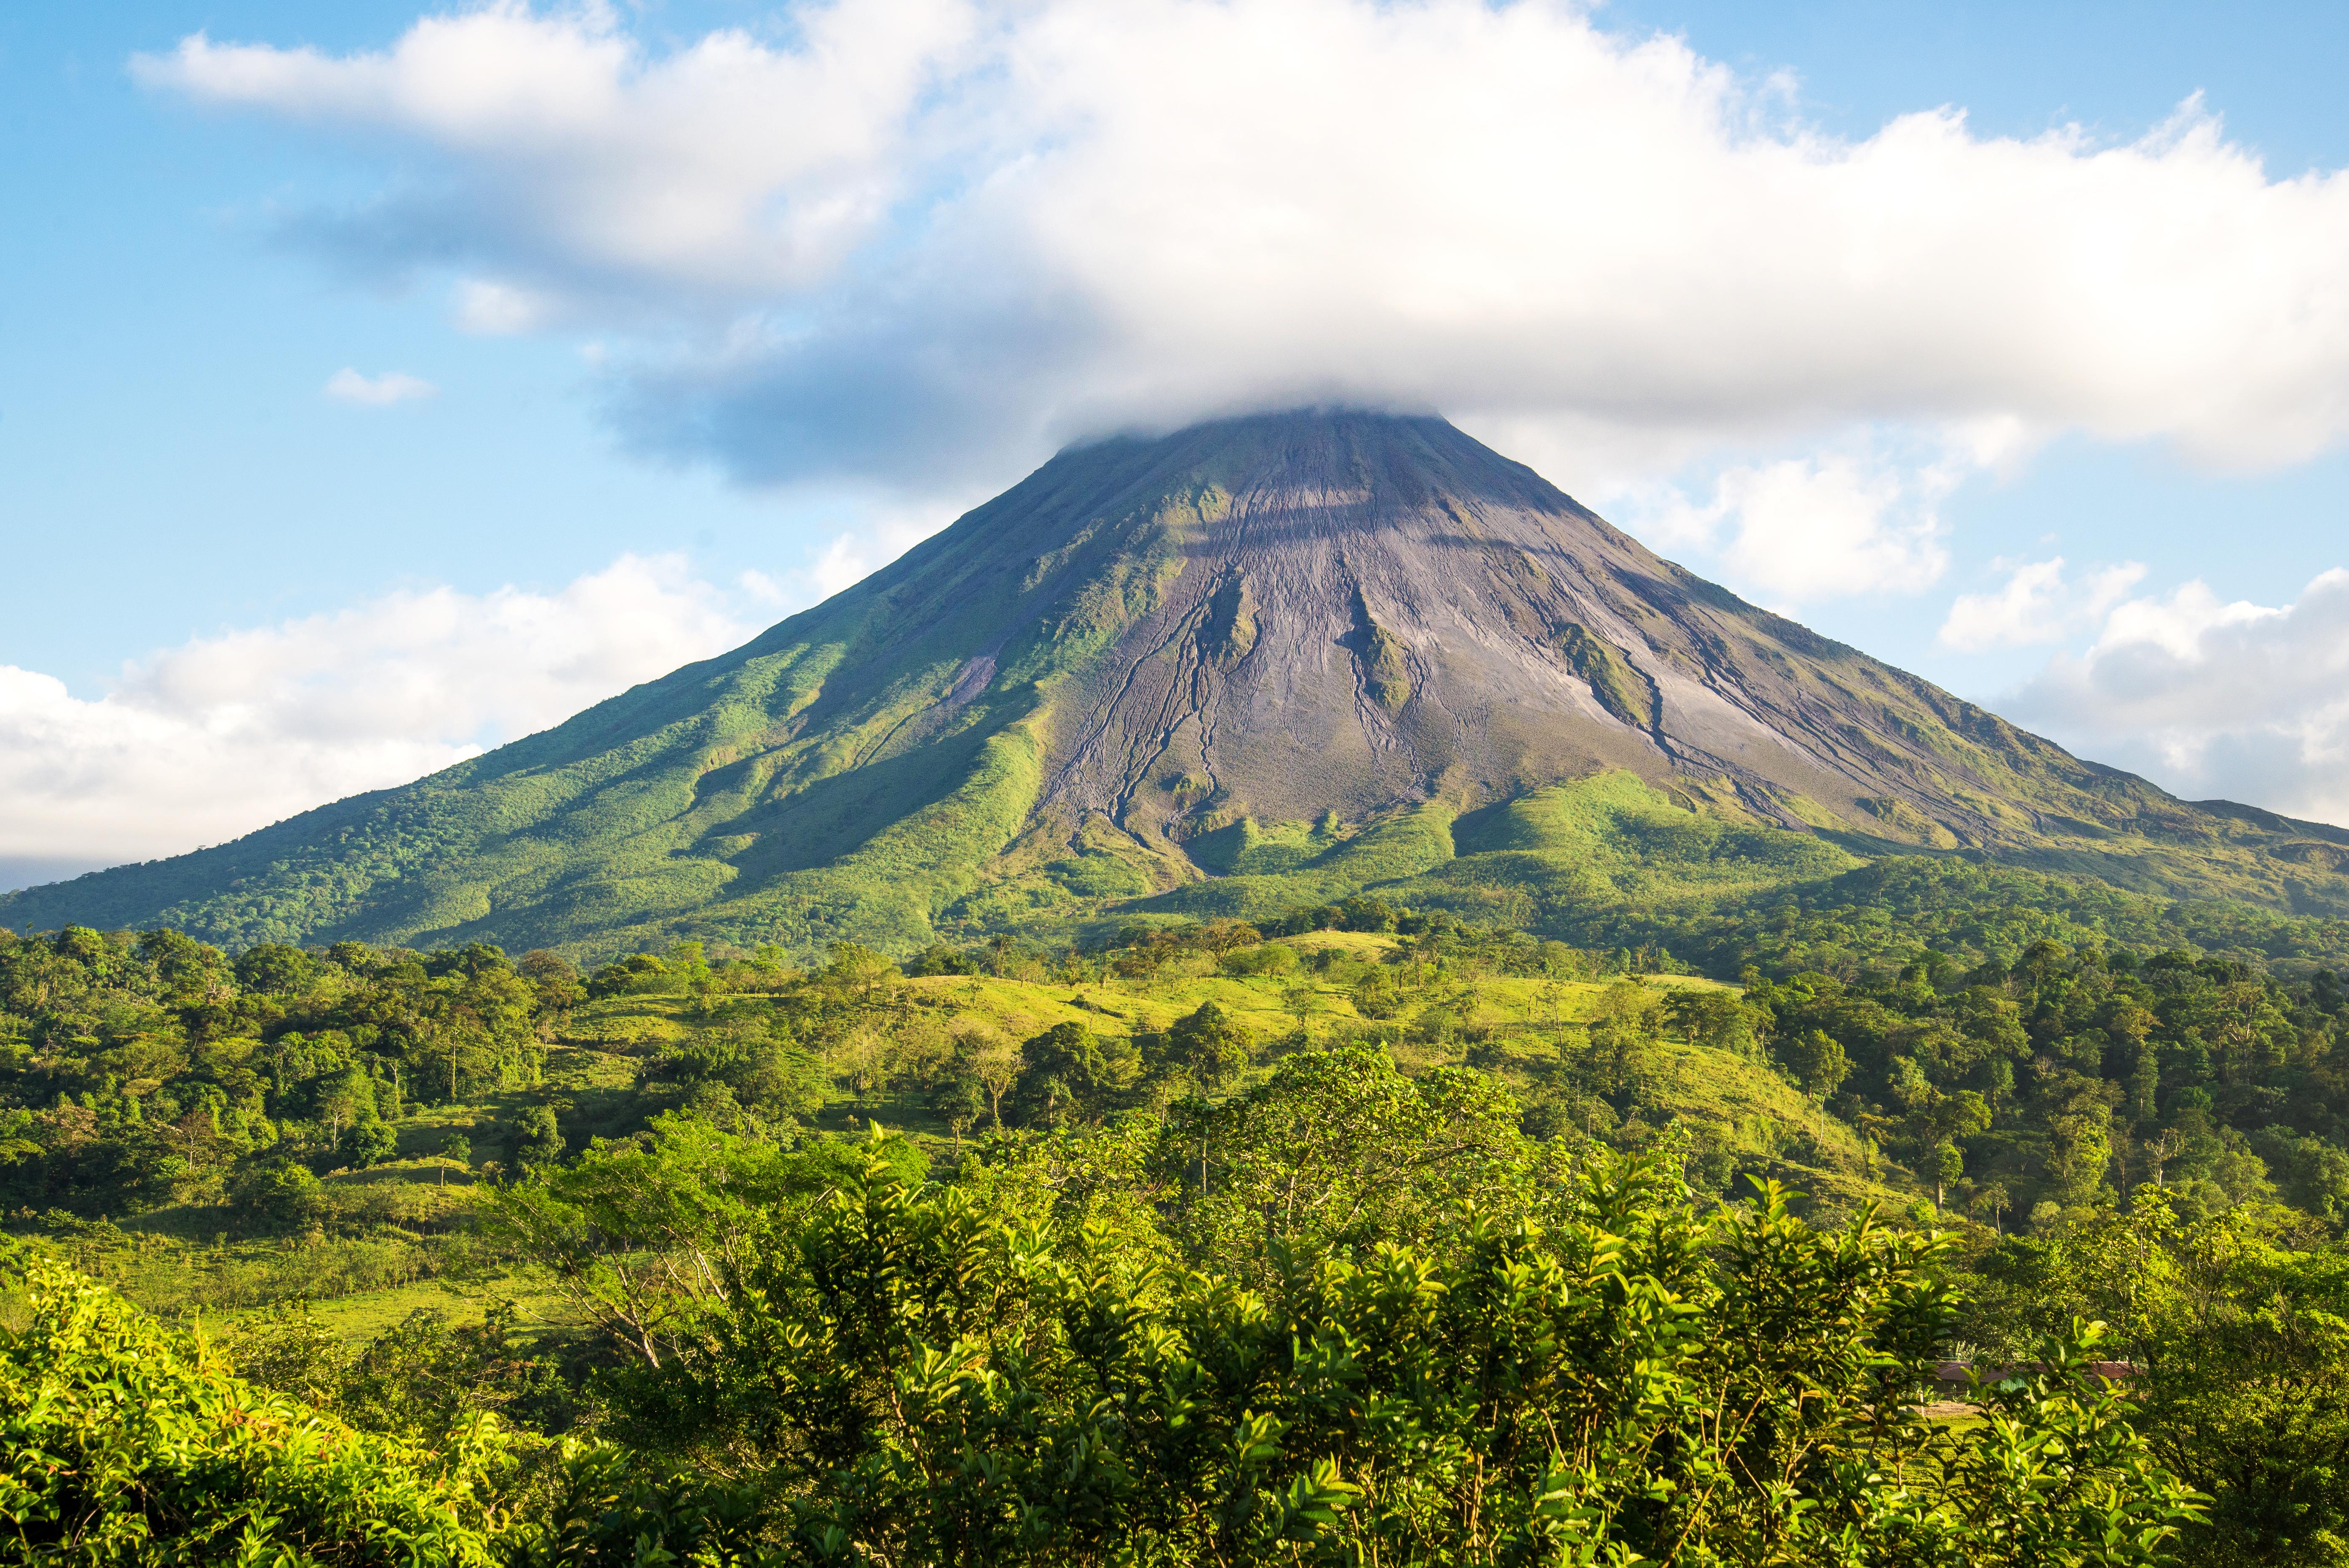 Un baño caliente y una de las mejores estampas de Costa Rica - Costa Rica Gran Viaje Esencias del Trópico y Guanacaste